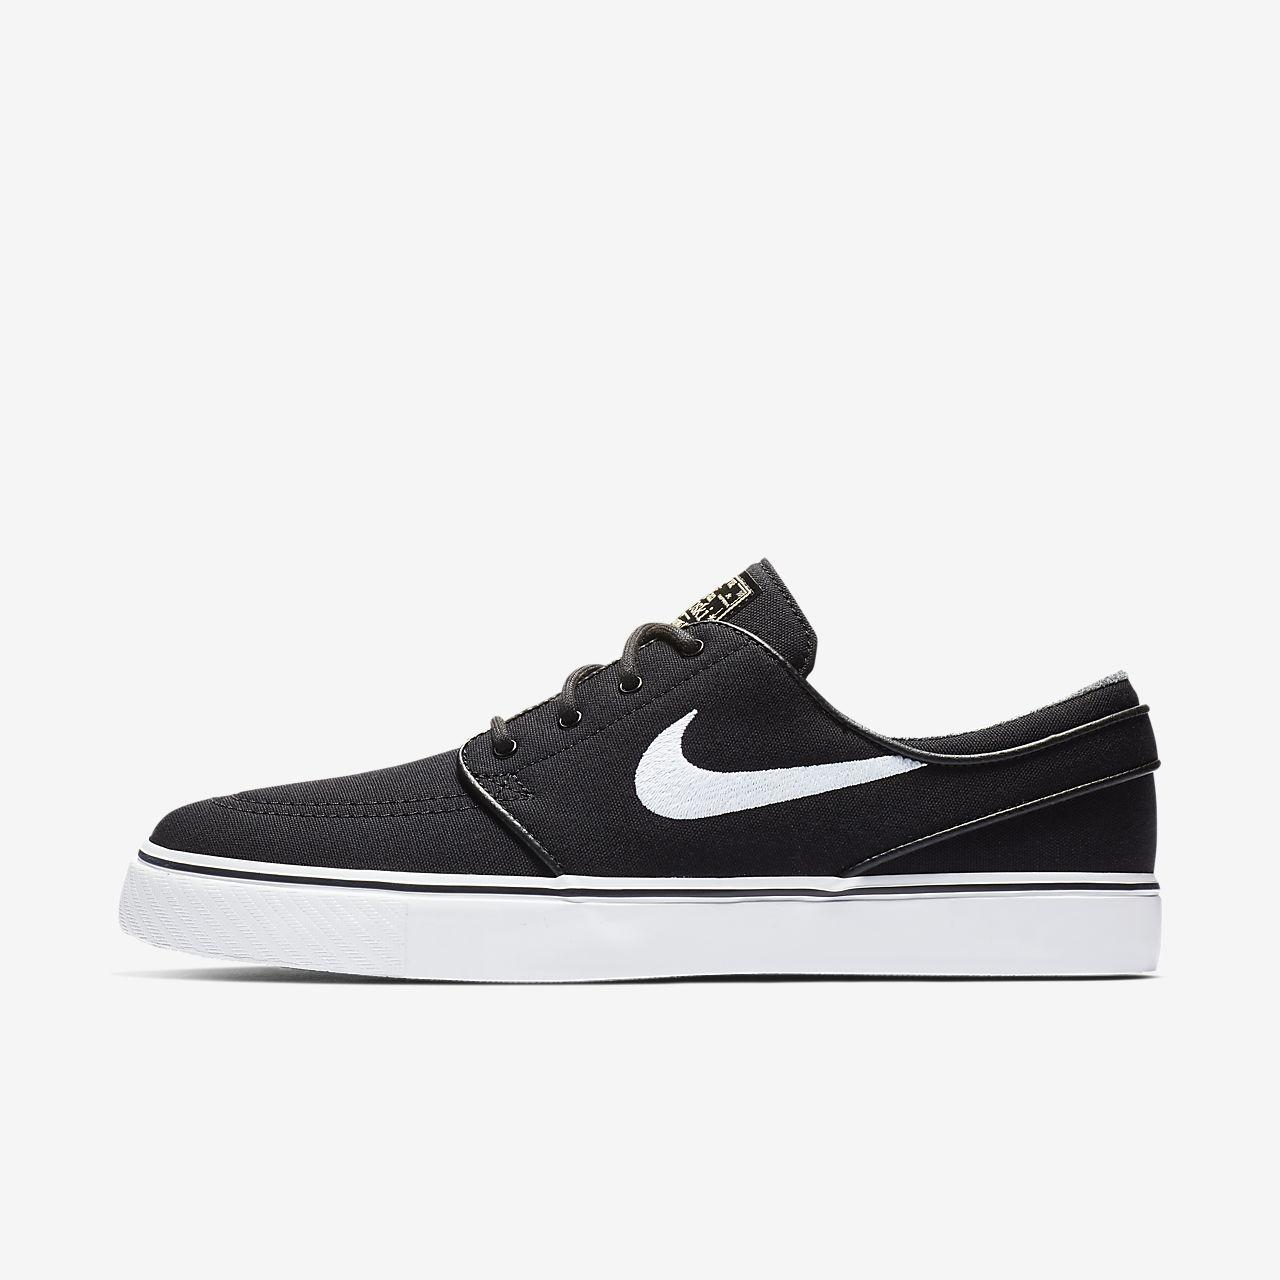 Nike Chaussures de skate SB Zoom Stefan Janoski Skateboarding Livraison Gratuite Grande Remise Meilleur Magasin Pour Obtenir Vente Pas Cher De Nouveaux Styles Parfait En Ligne ucC357